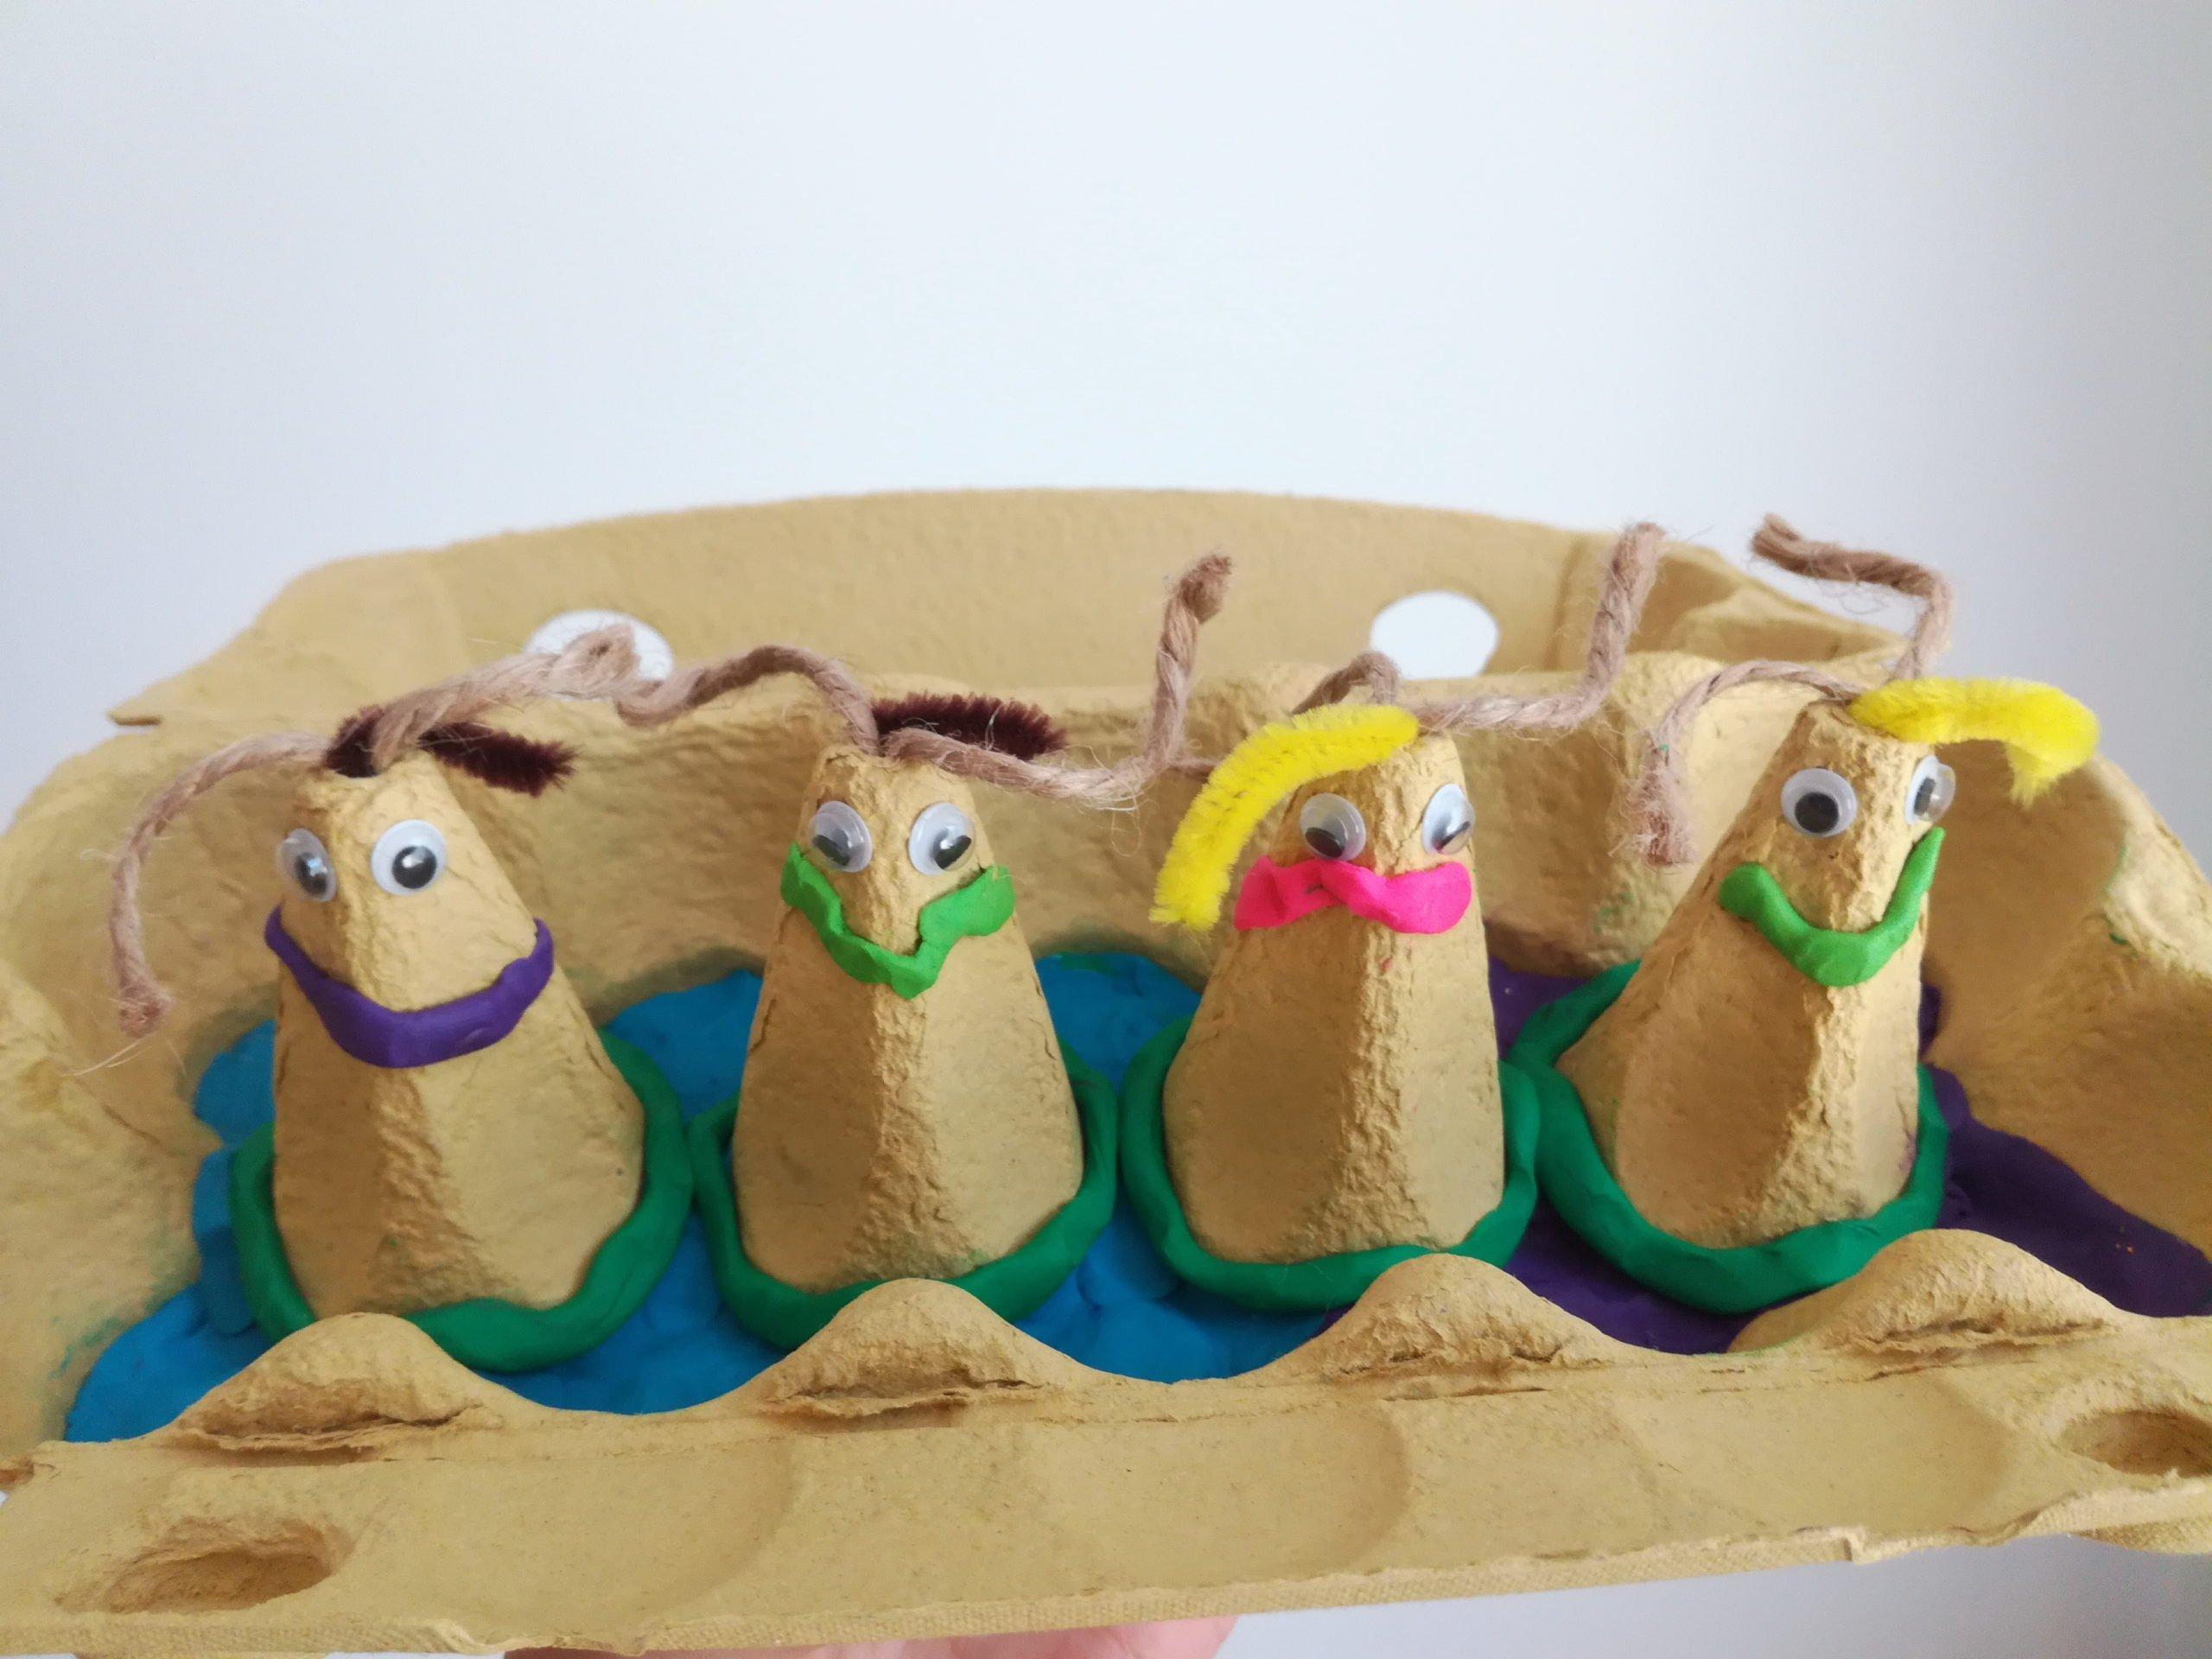 Zabawne ludziki zabawa plastyczna dla dzieci diy recykling